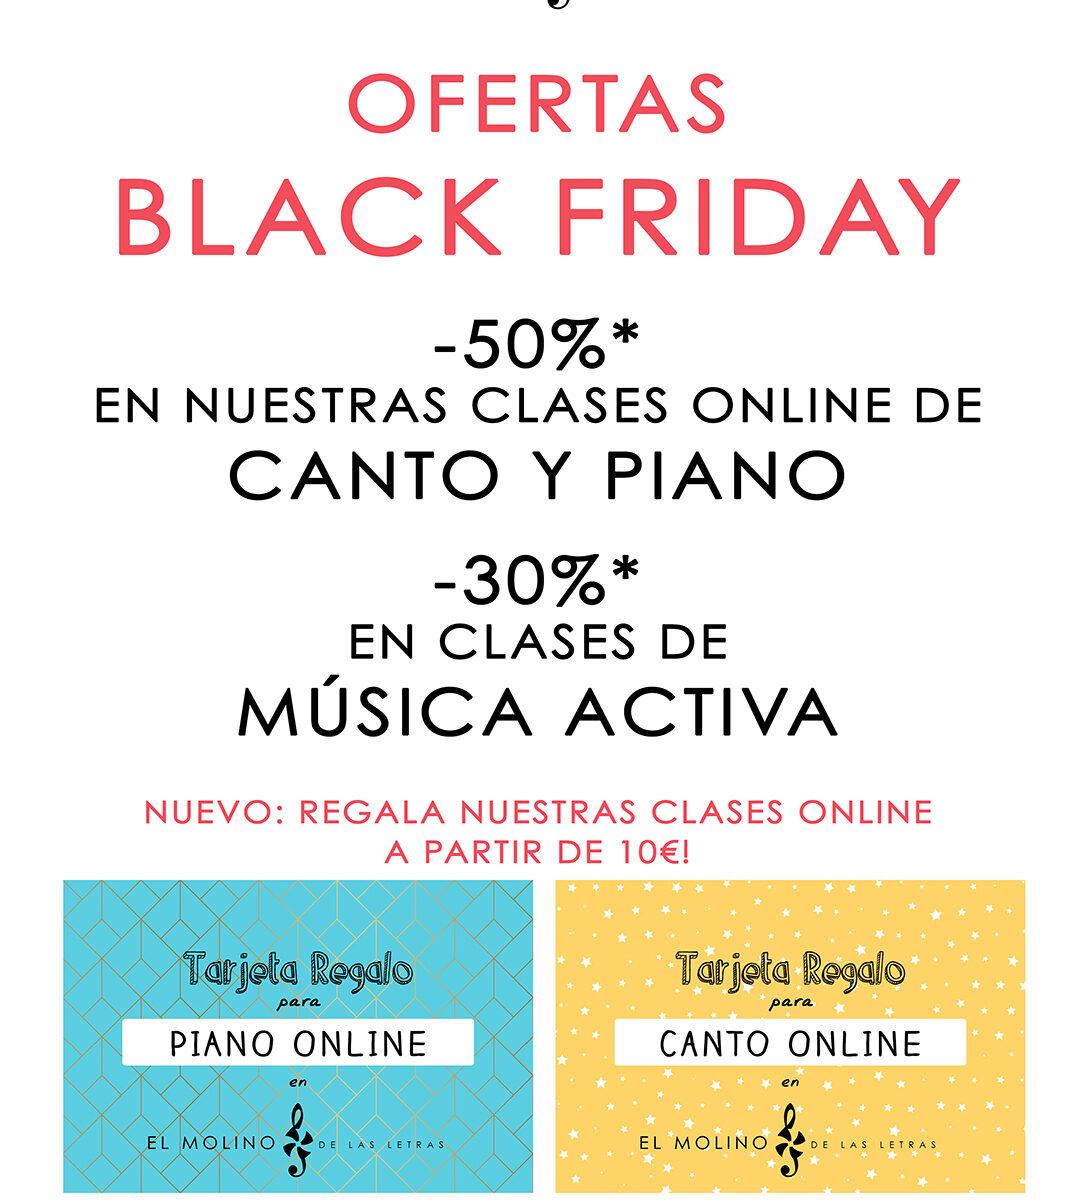 ofertas Black Friday en el molino de las letras, Madrid